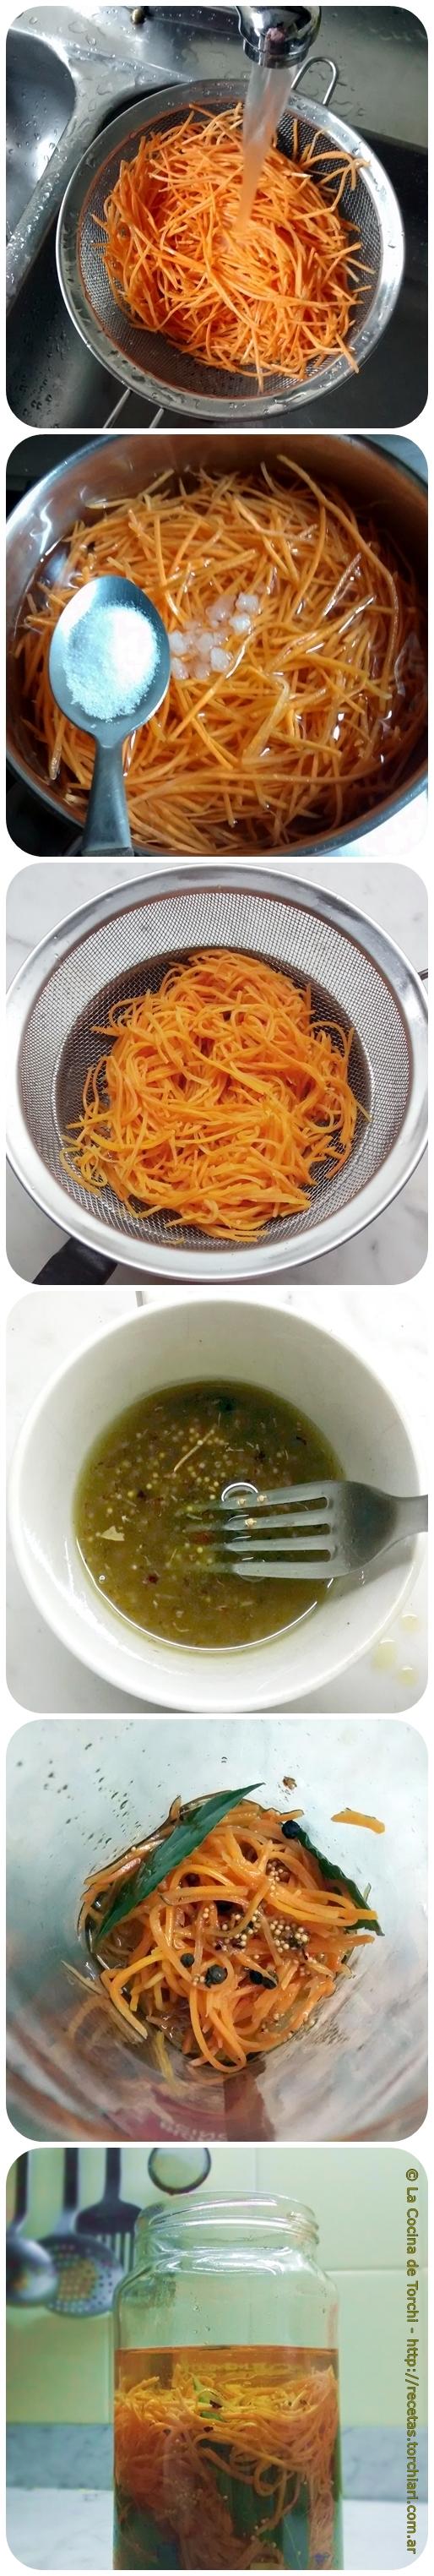 zanahoria-escabeche